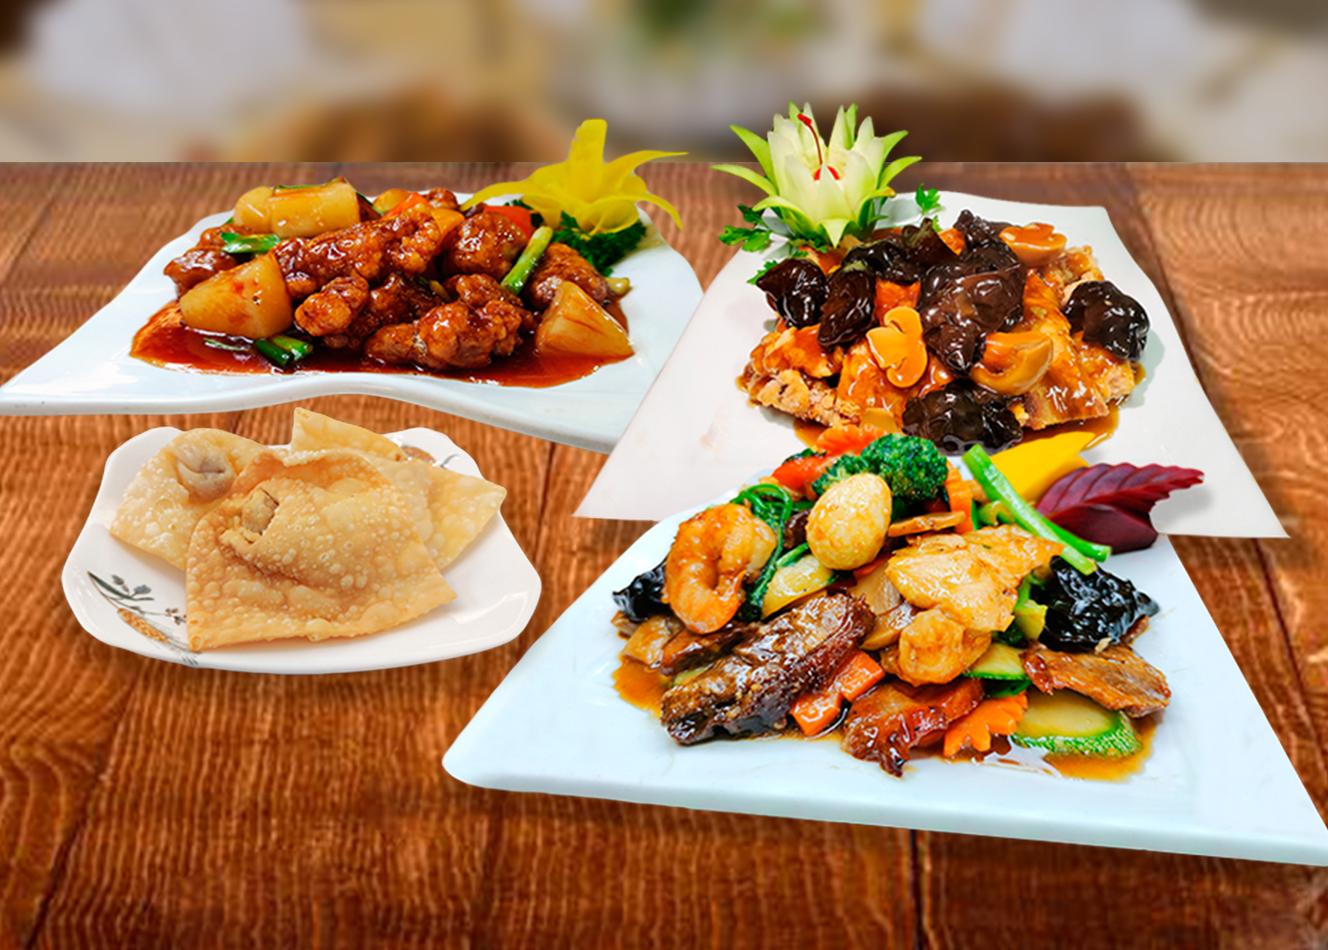 ** Para 4-5 personas **  - 04 Enrollado primavera - 04 wantanes fritos - Taypa Especial - Pollo chijaukay - Chancho Cruyoc con frutas - Arroz Chaufa de pollo